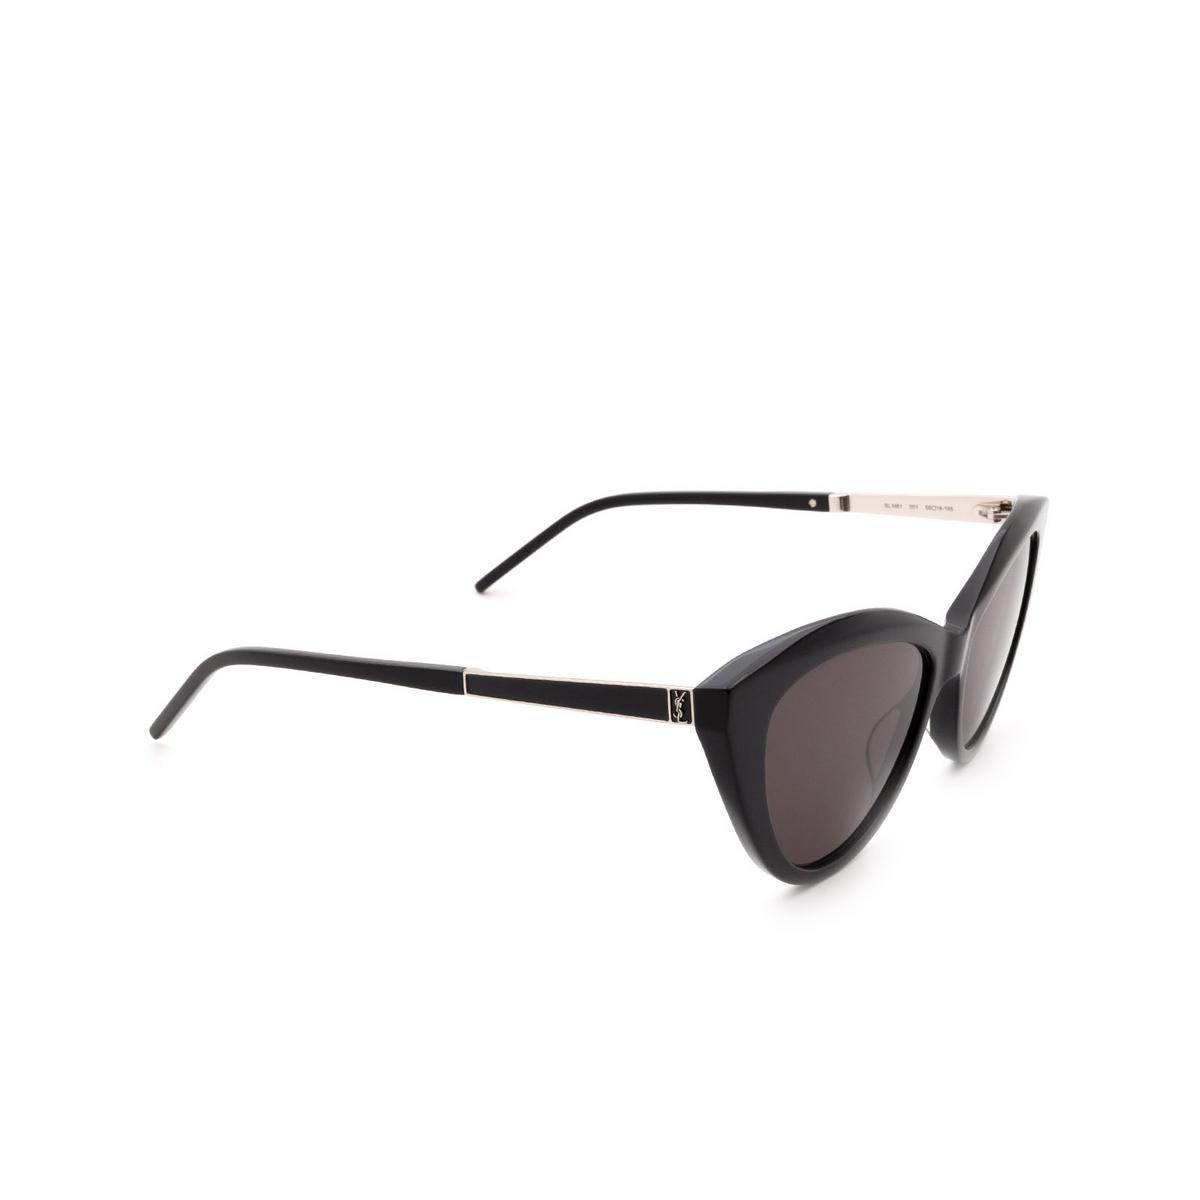 Saint Laurent® Cat-eye Sunglasses: SL M81 color Black 001 - 2/3.